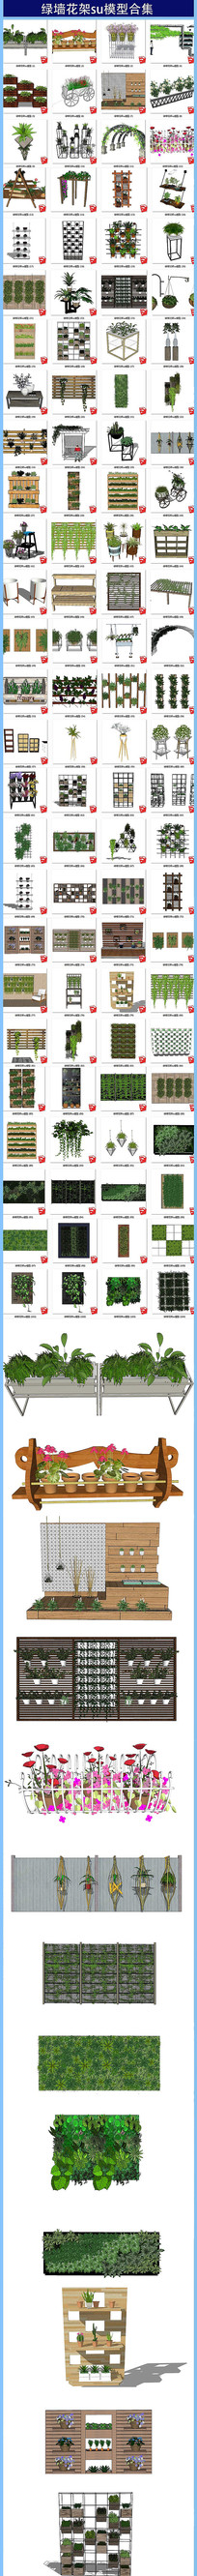 绿墙花架绿化植物su模型